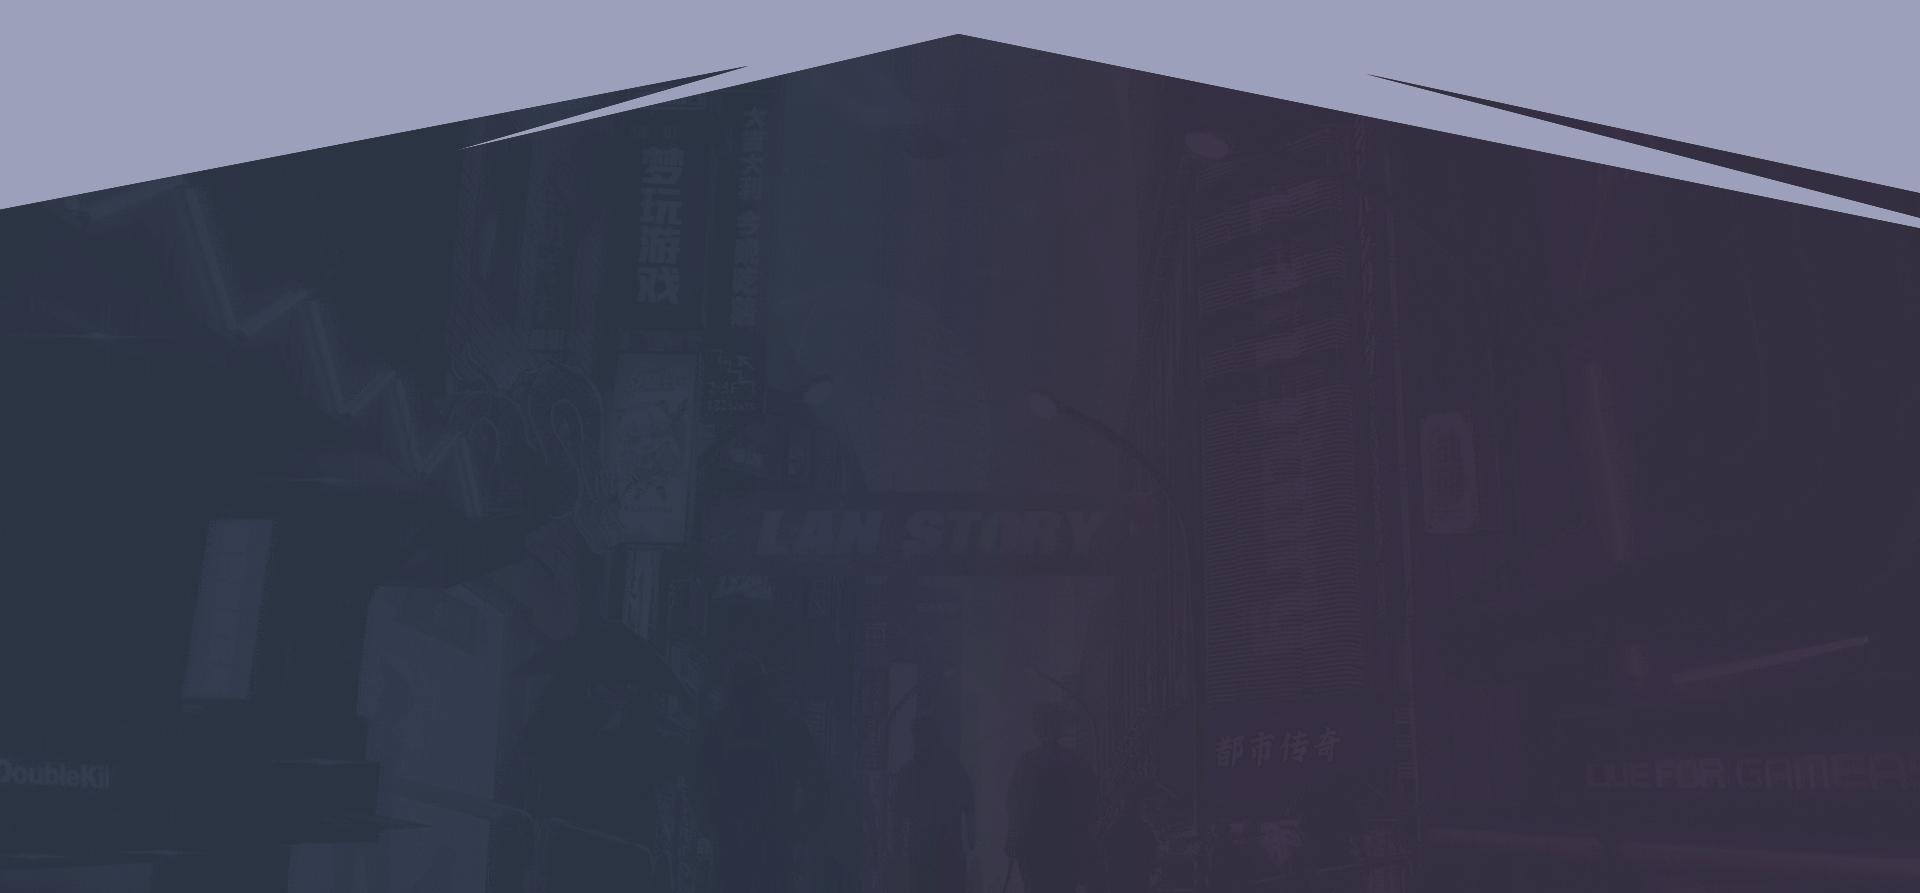 都市官网底部.jpg